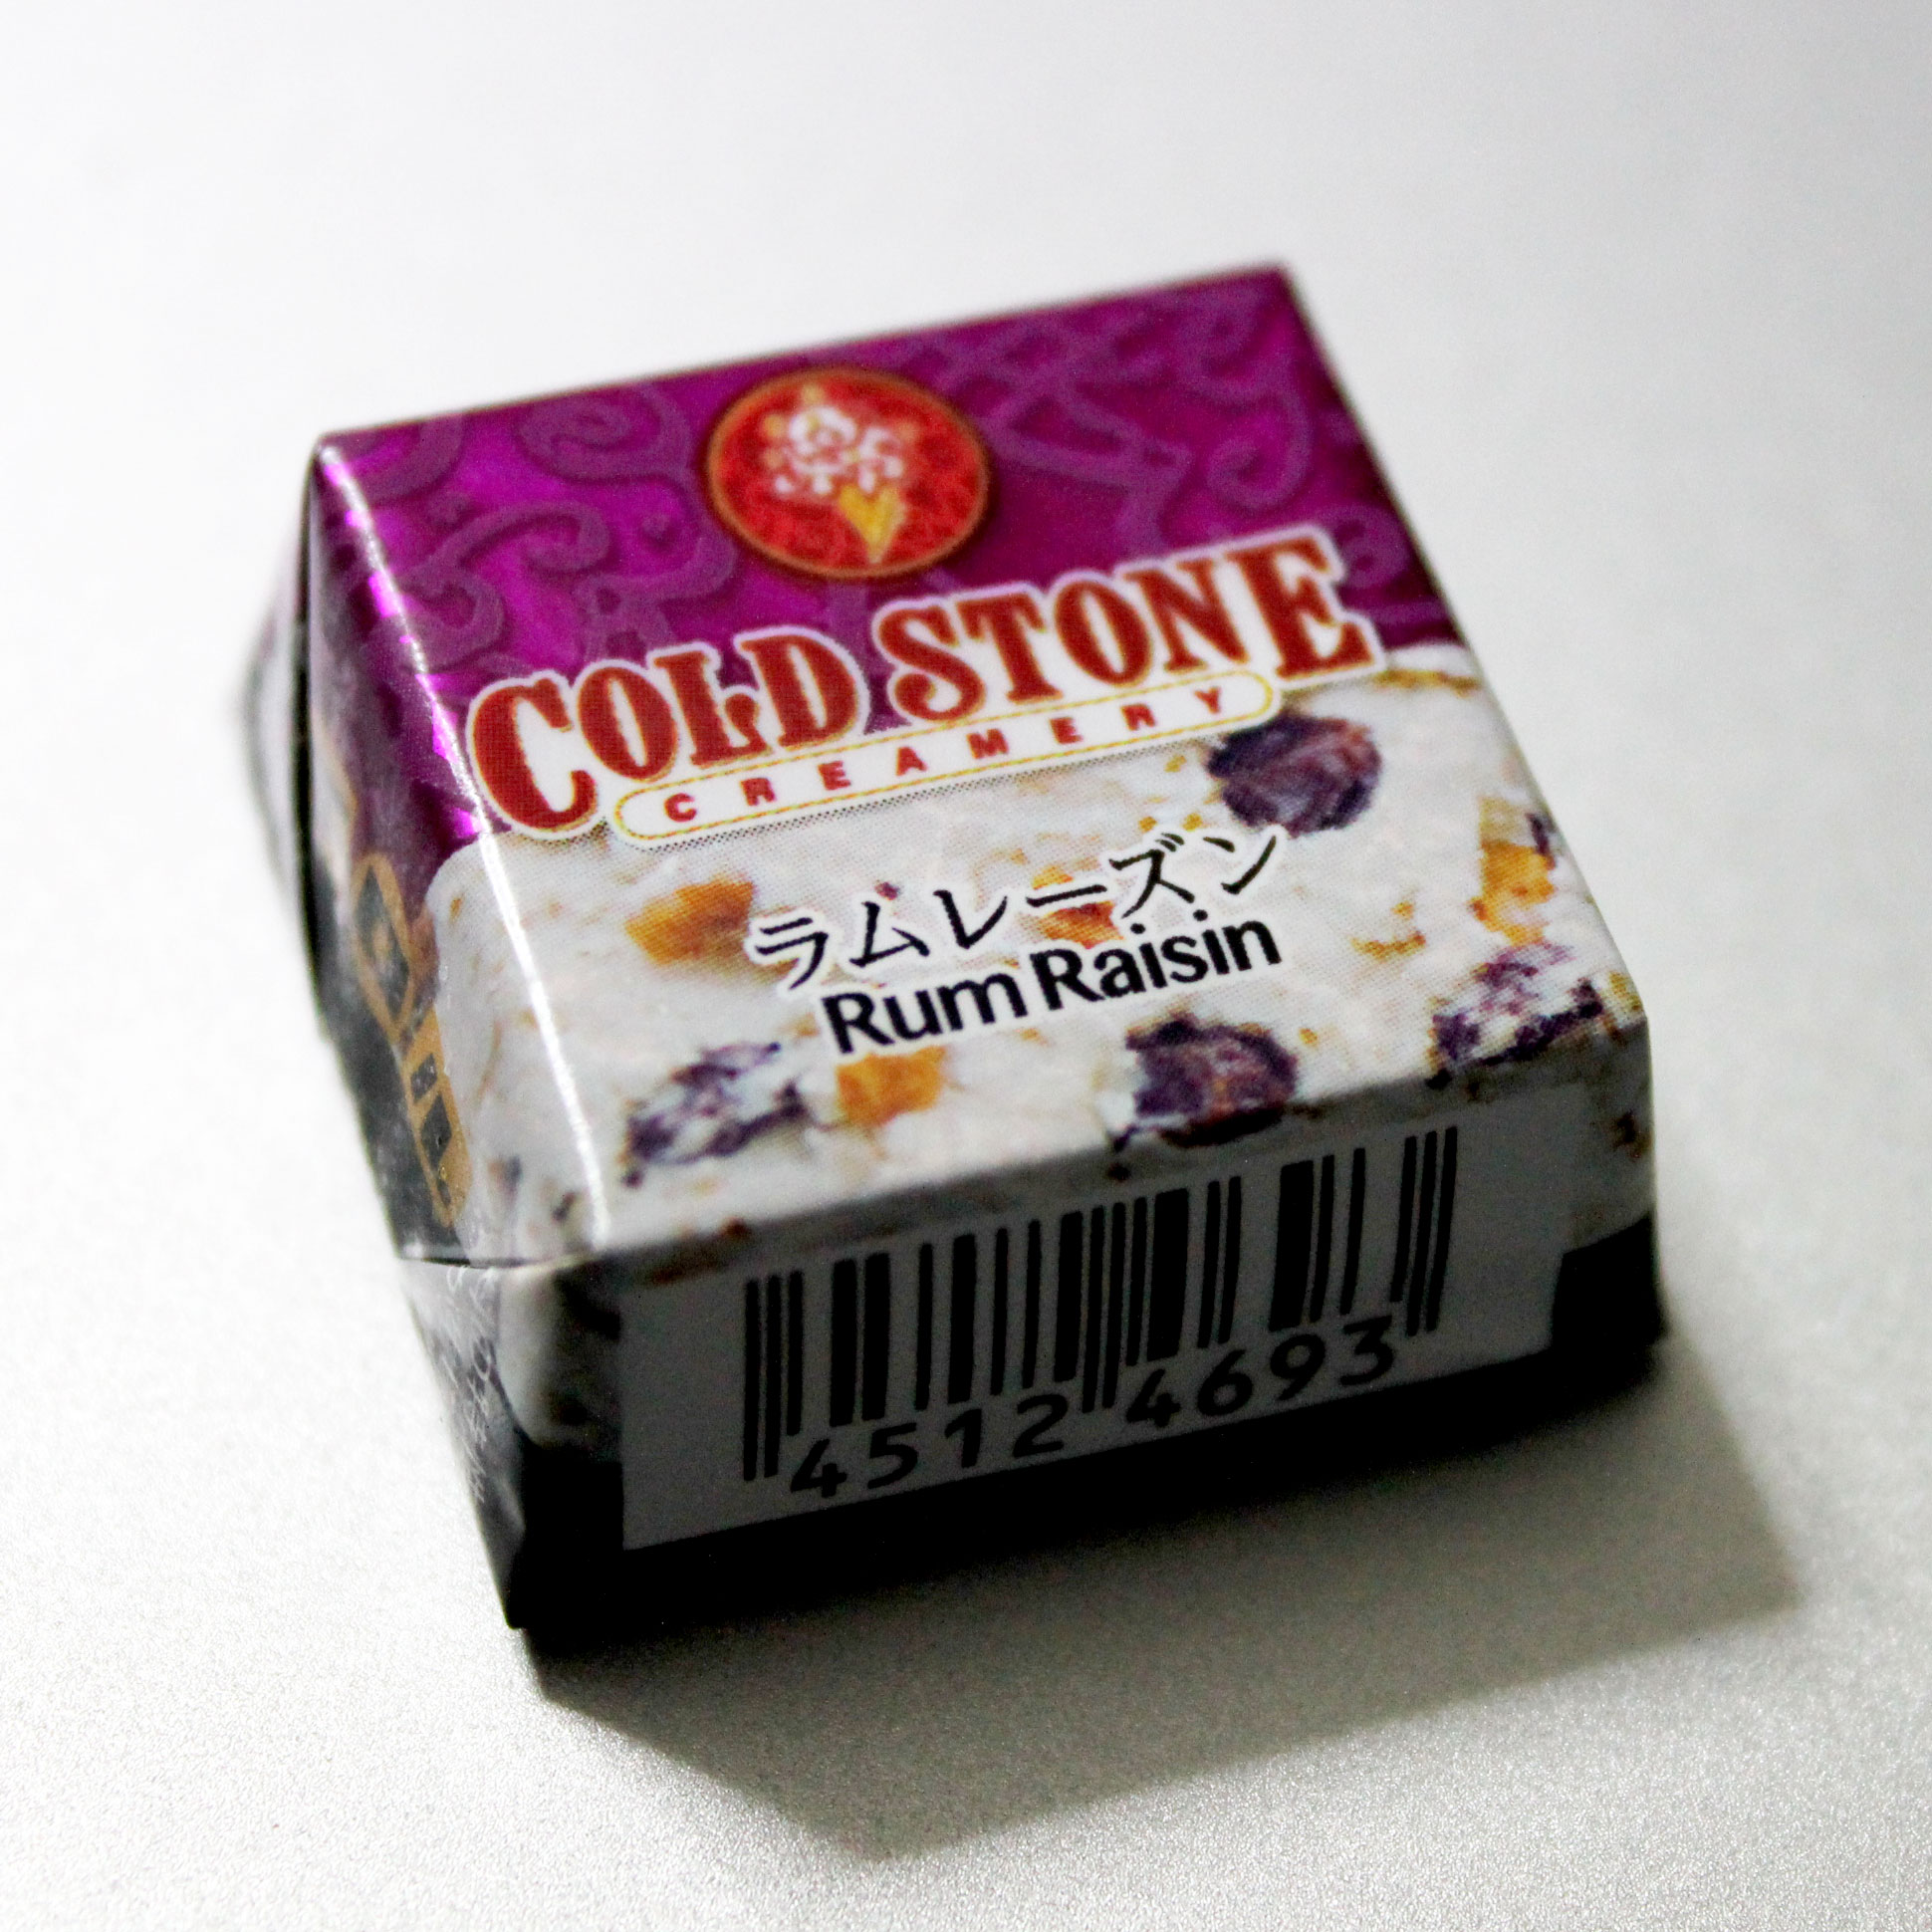 ザクザクアーモンドとレーズンが美味しい!チロルチョコ・コールドストーン ラムレーズン | 人生は宇宙だ!